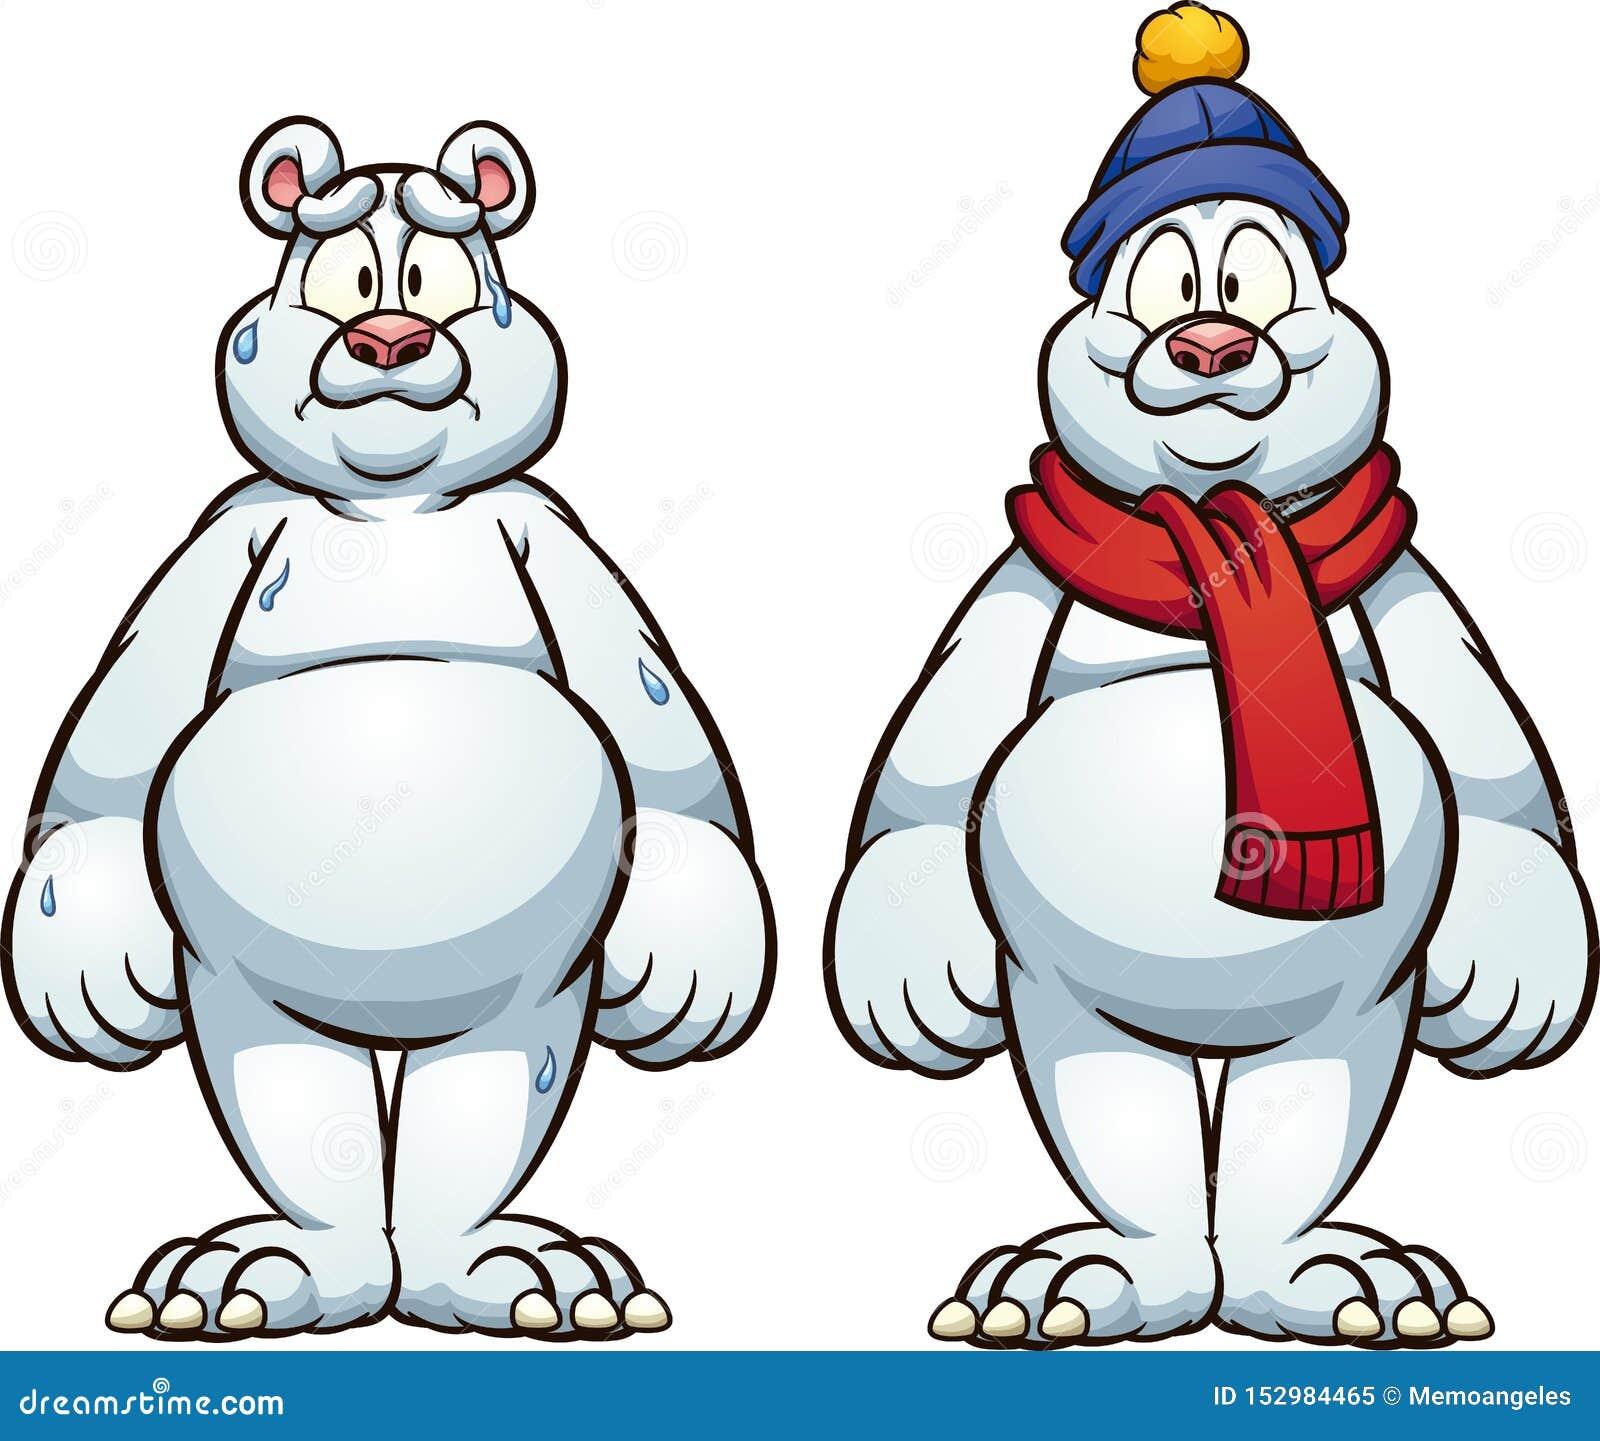 Gorący, zimno, smutny i szczęśliwy niedźwiedź polarny,